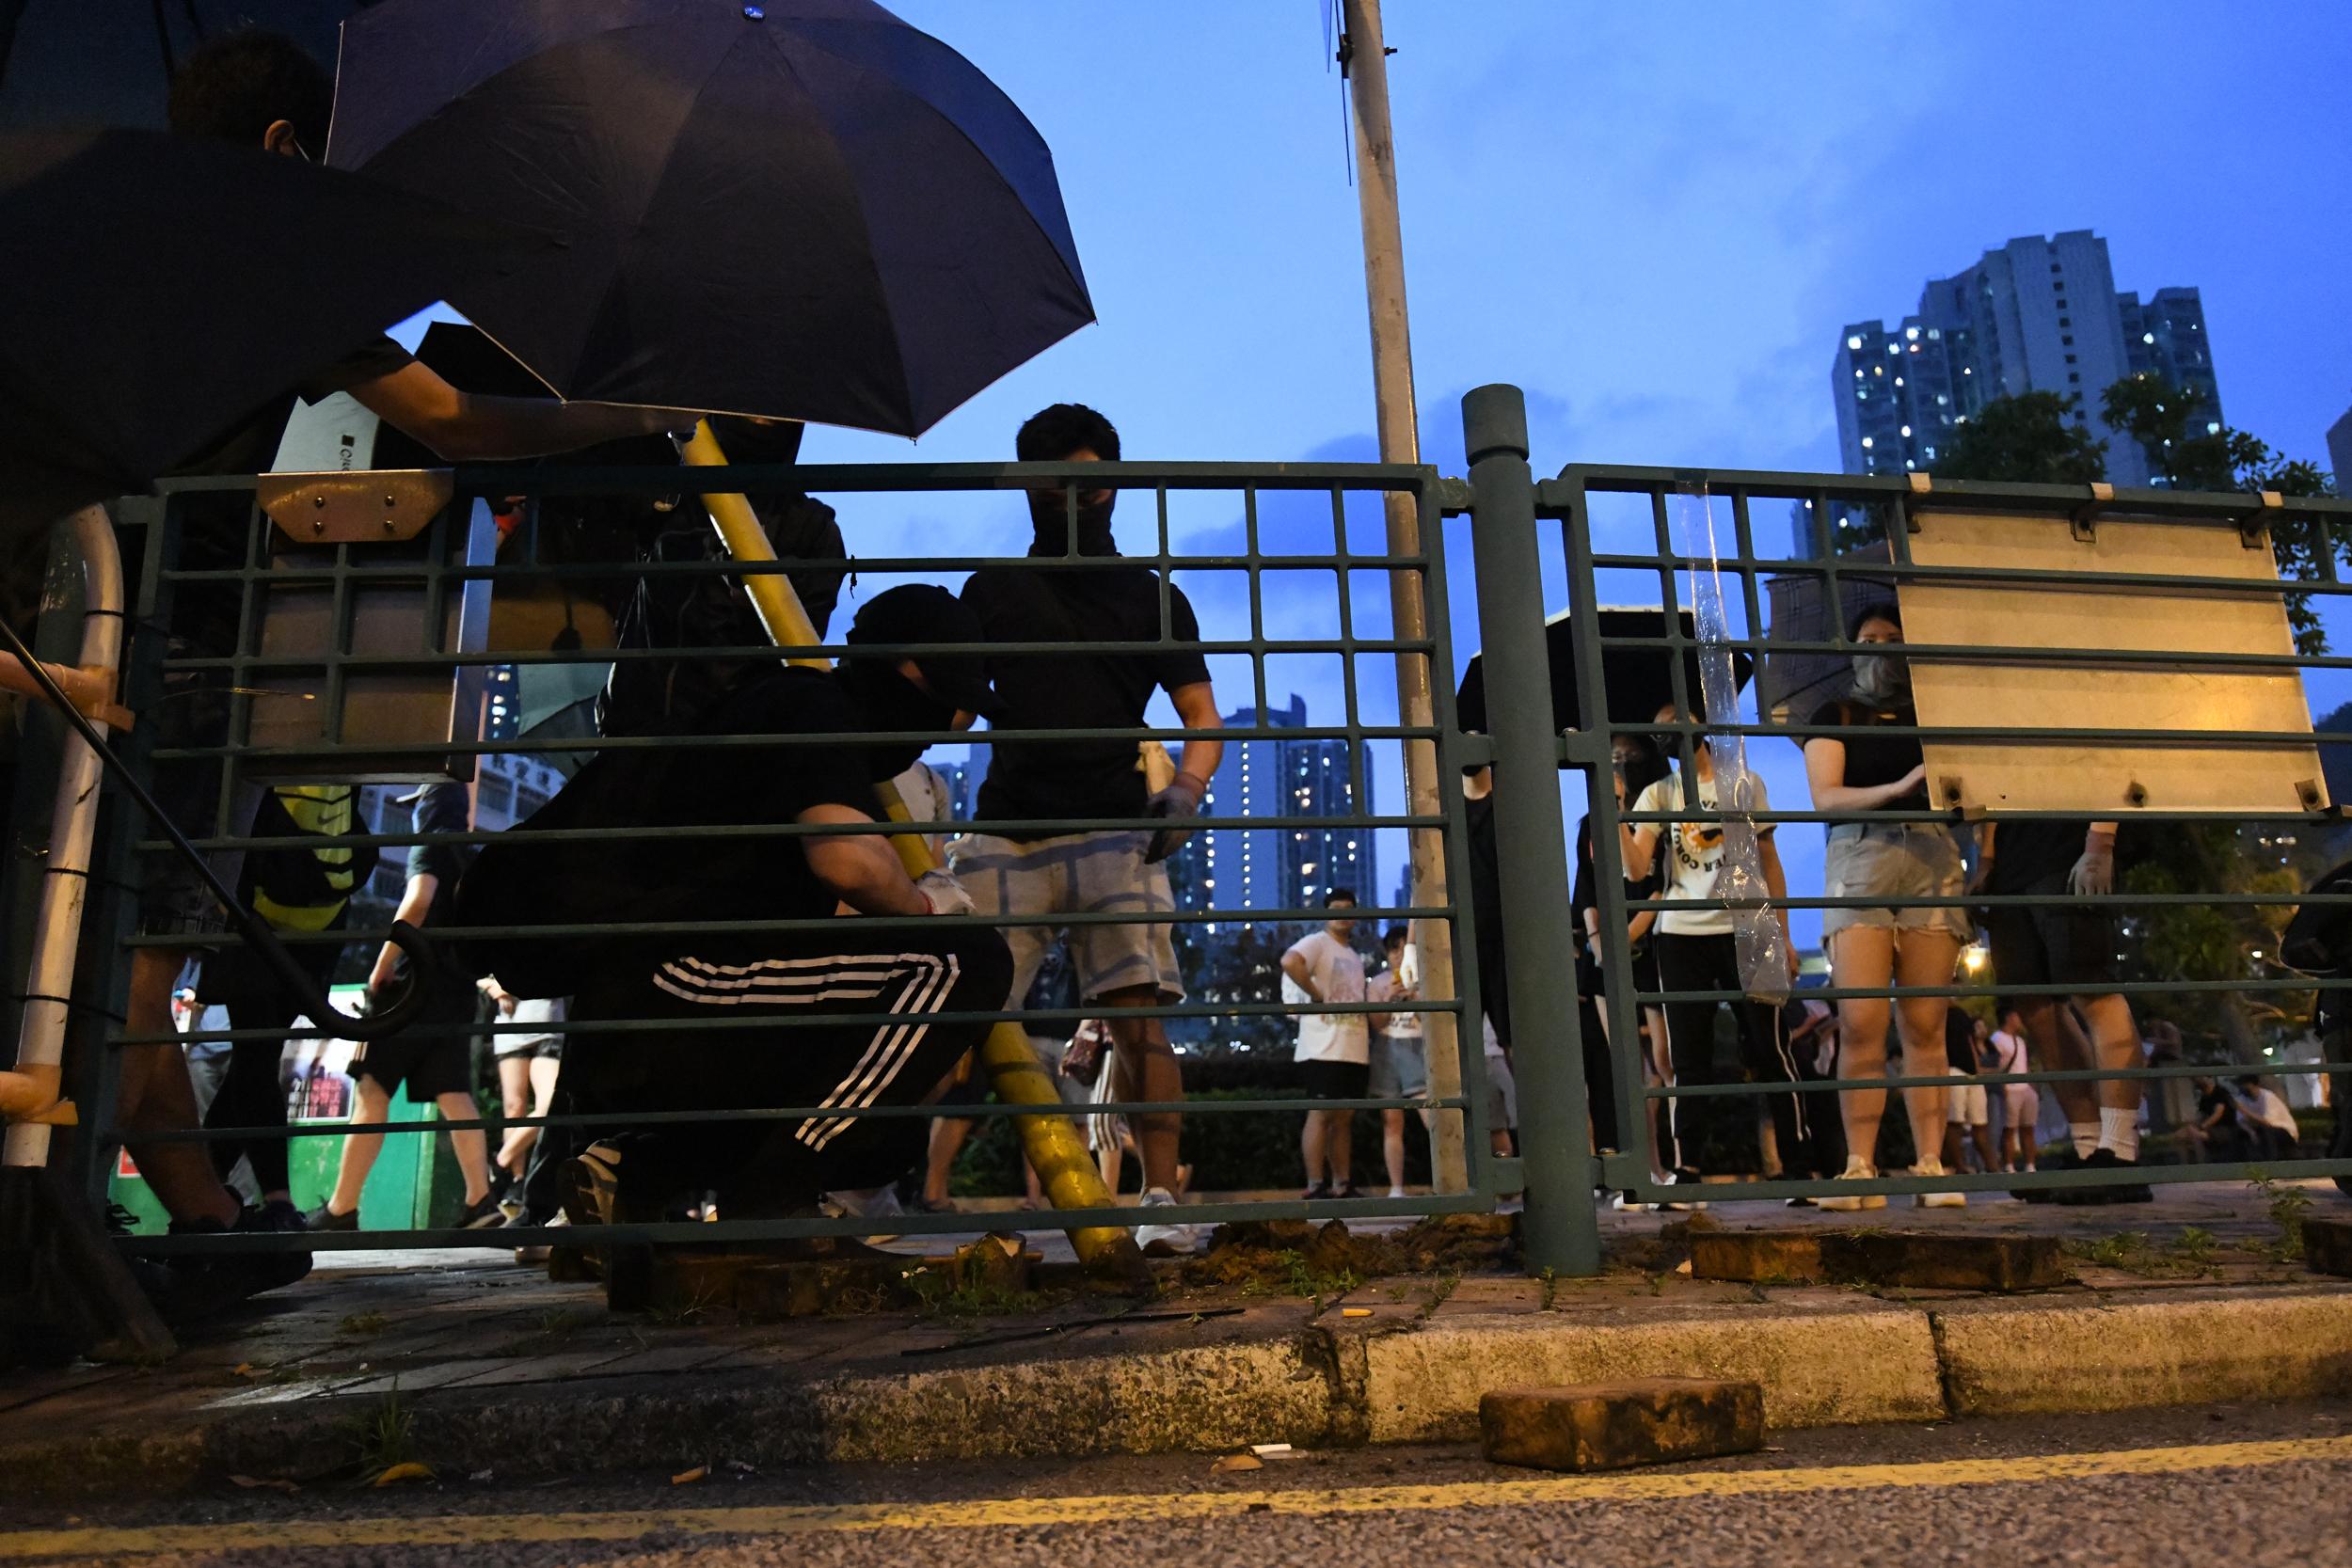 【修例风波】涉将军澳袭警非法集结等4罪 13岁男童仍留院周五再讯